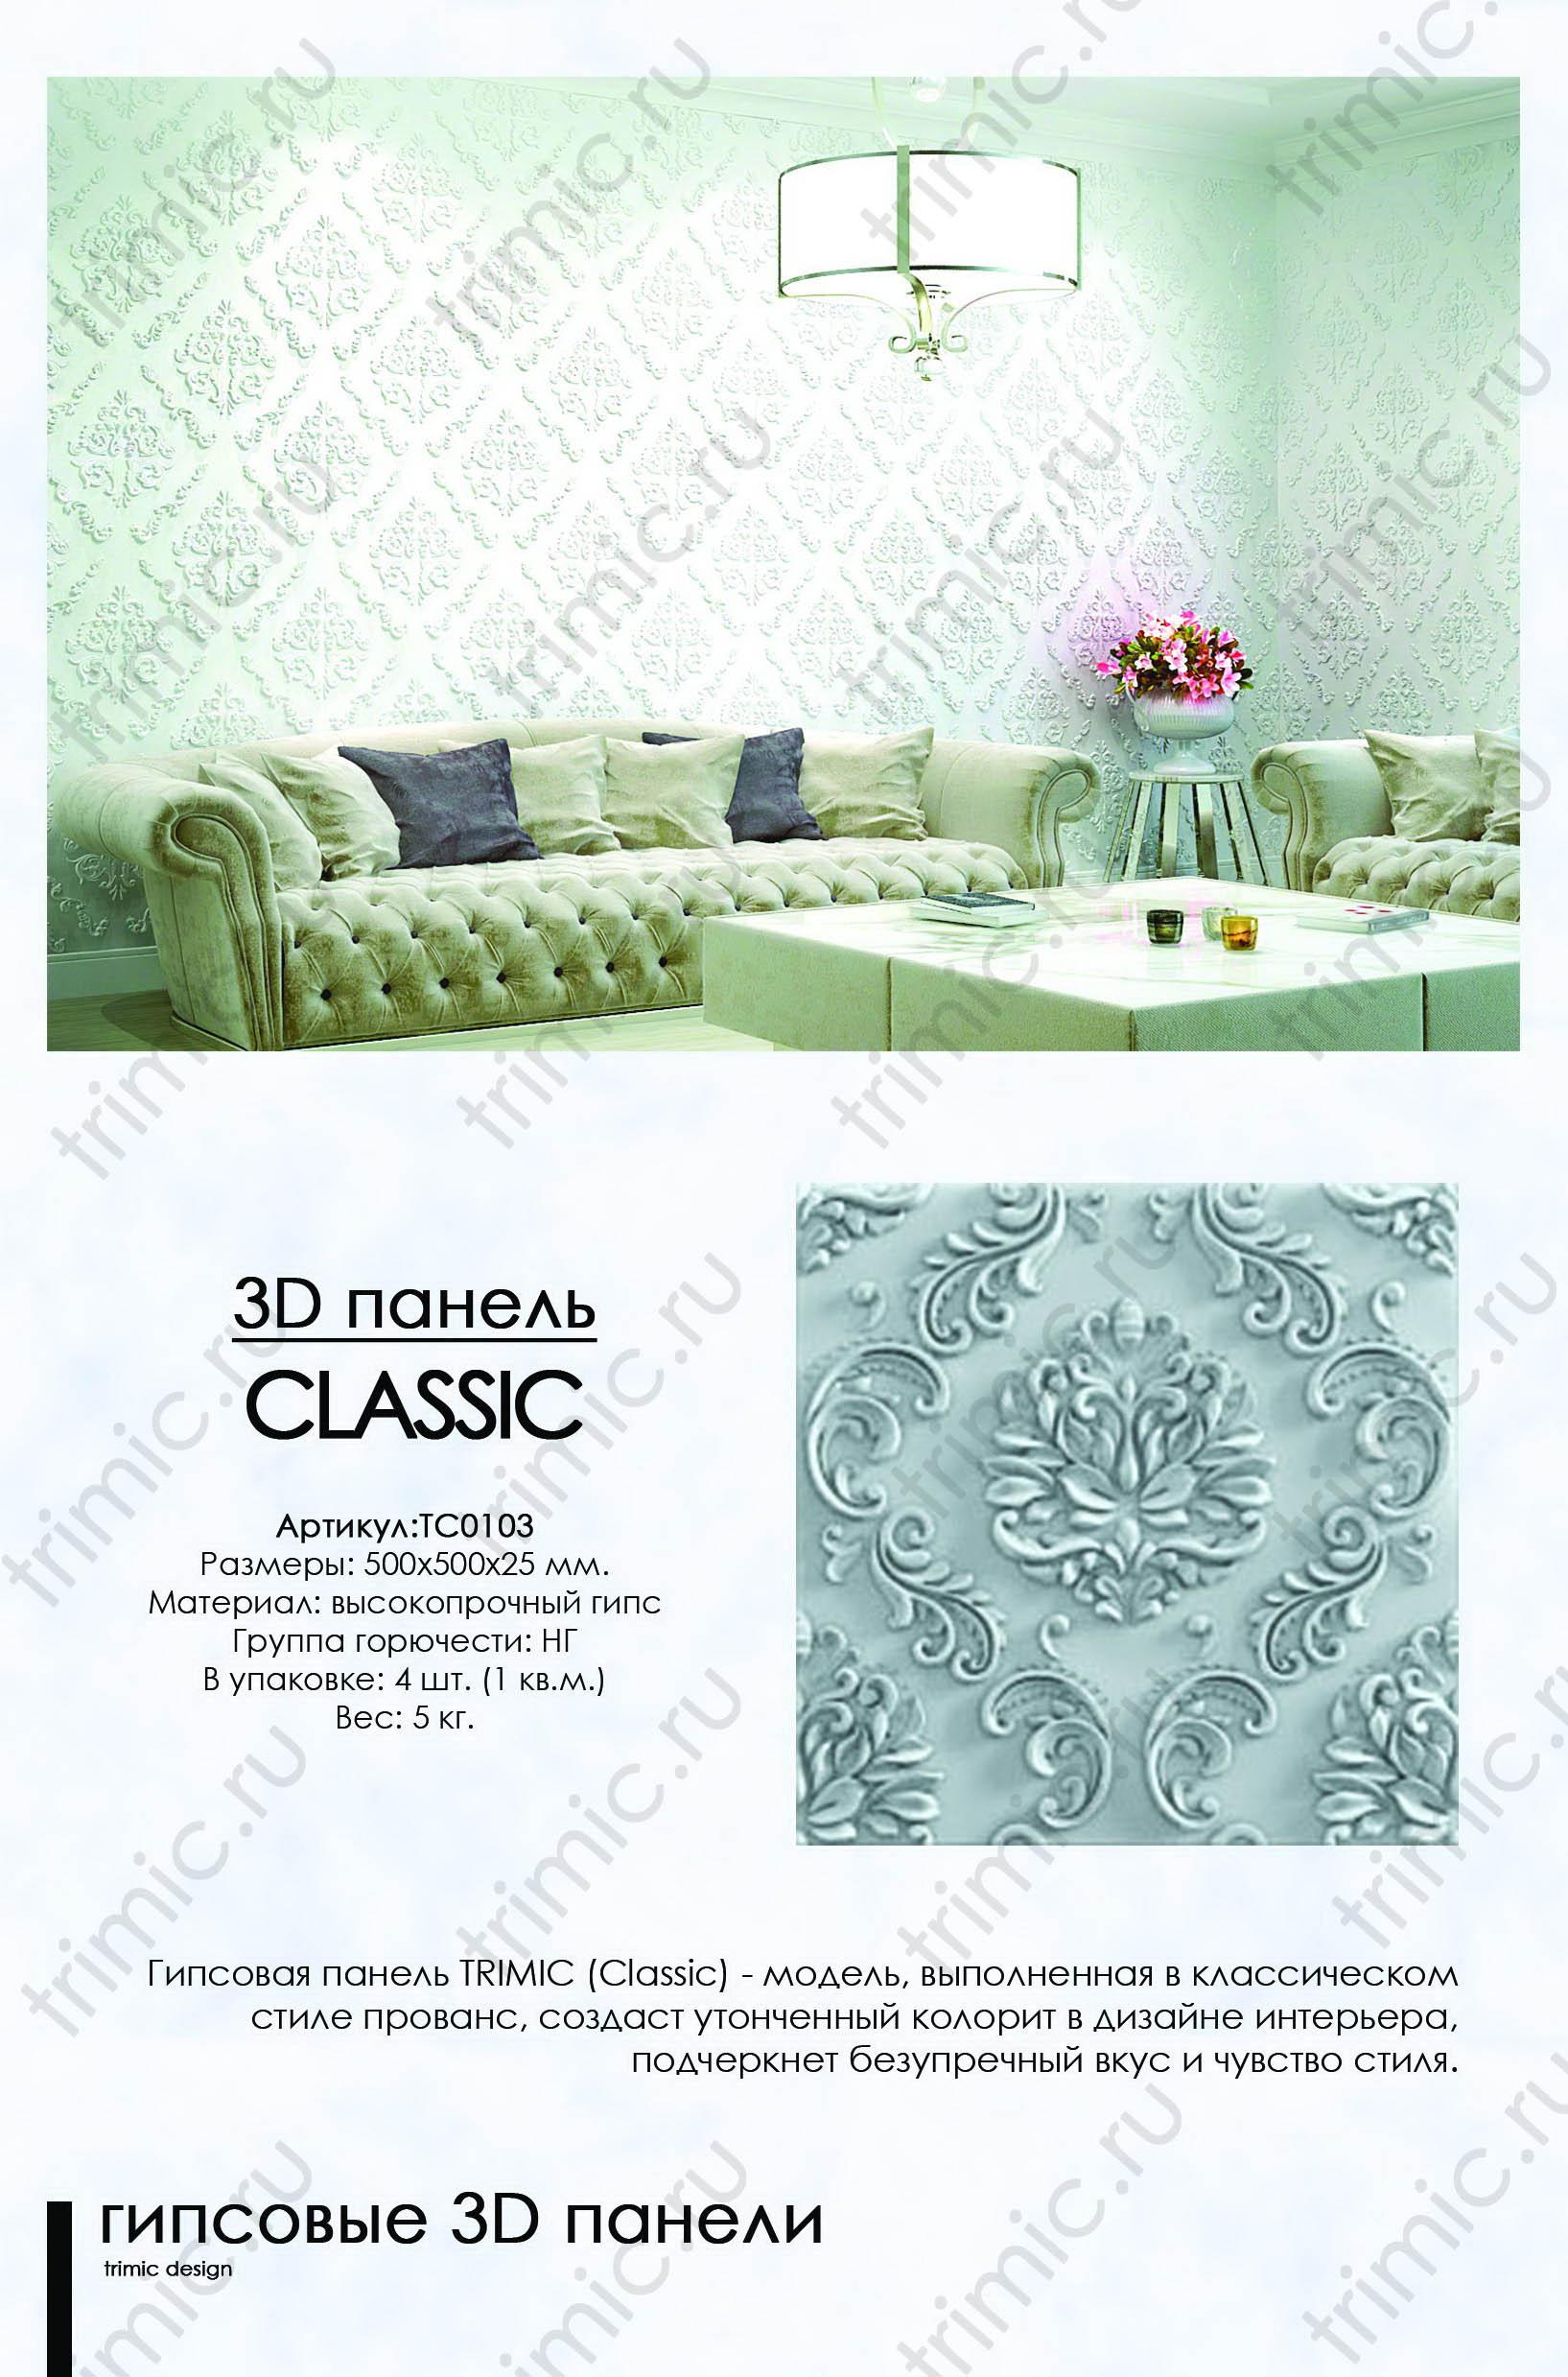 """3D панель """"CLASSIC"""" от производителя по низким ценам купить в Москве"""